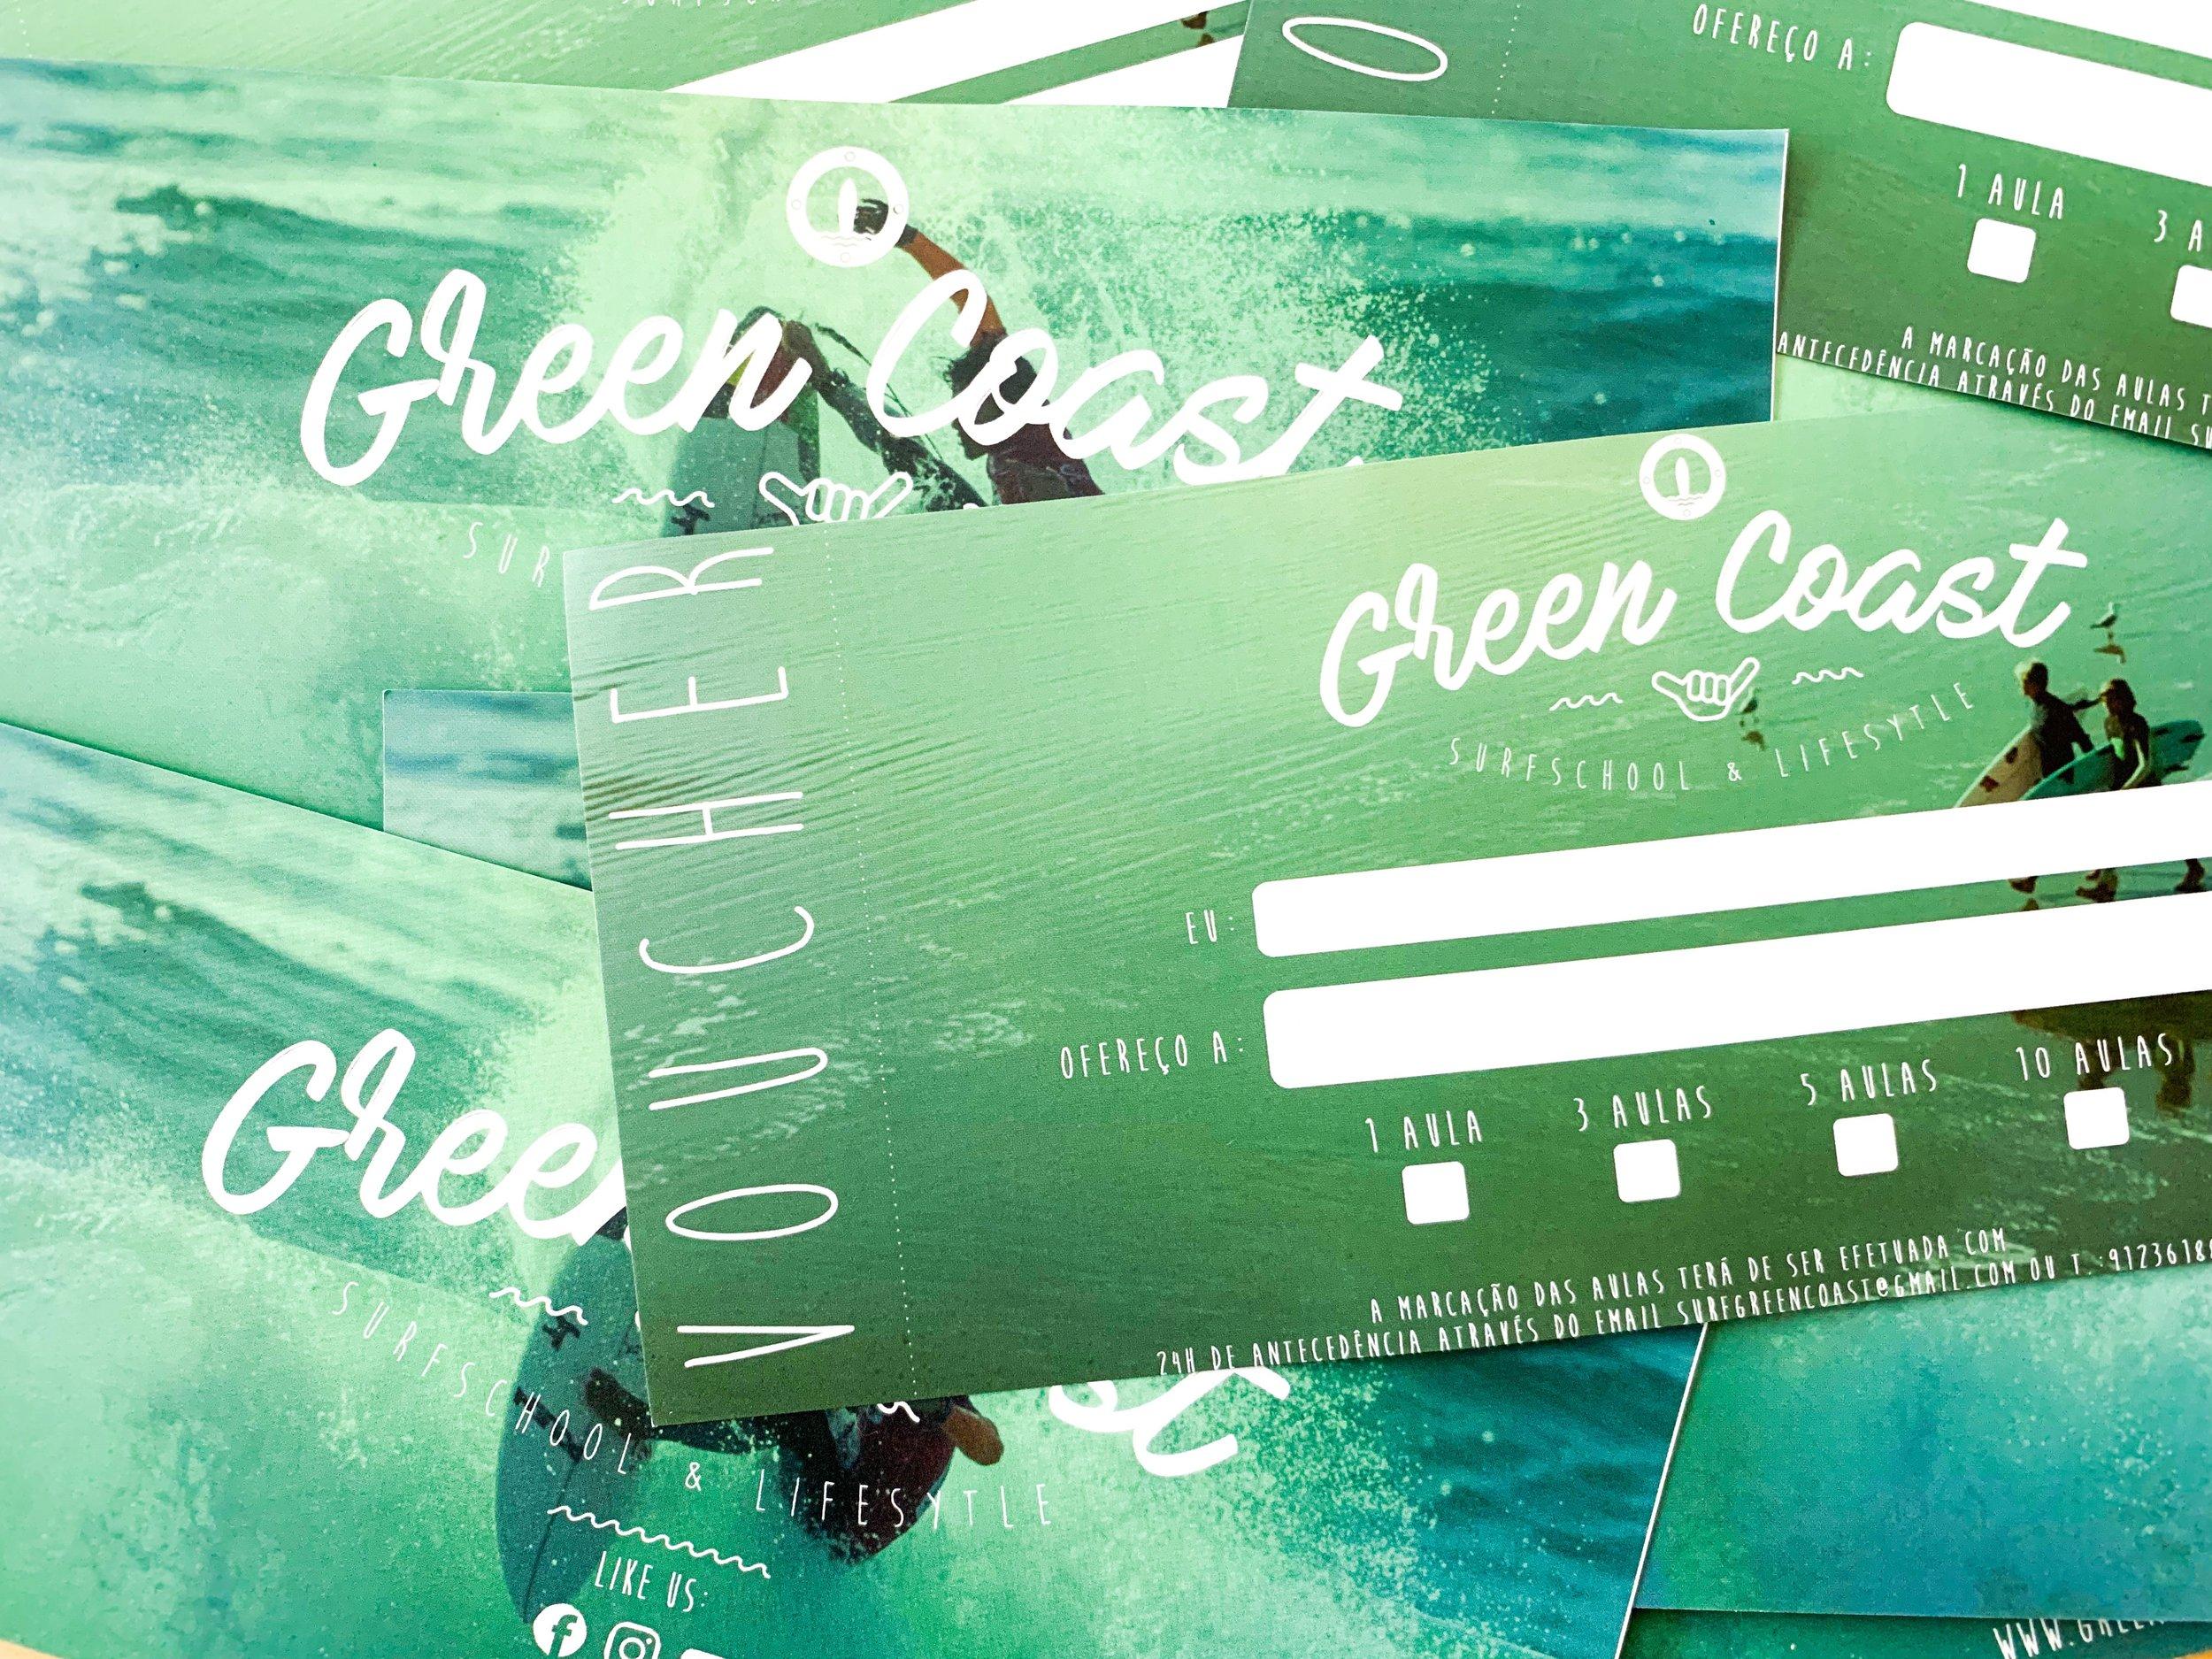 greencoast surfschool - voucher.JPEG